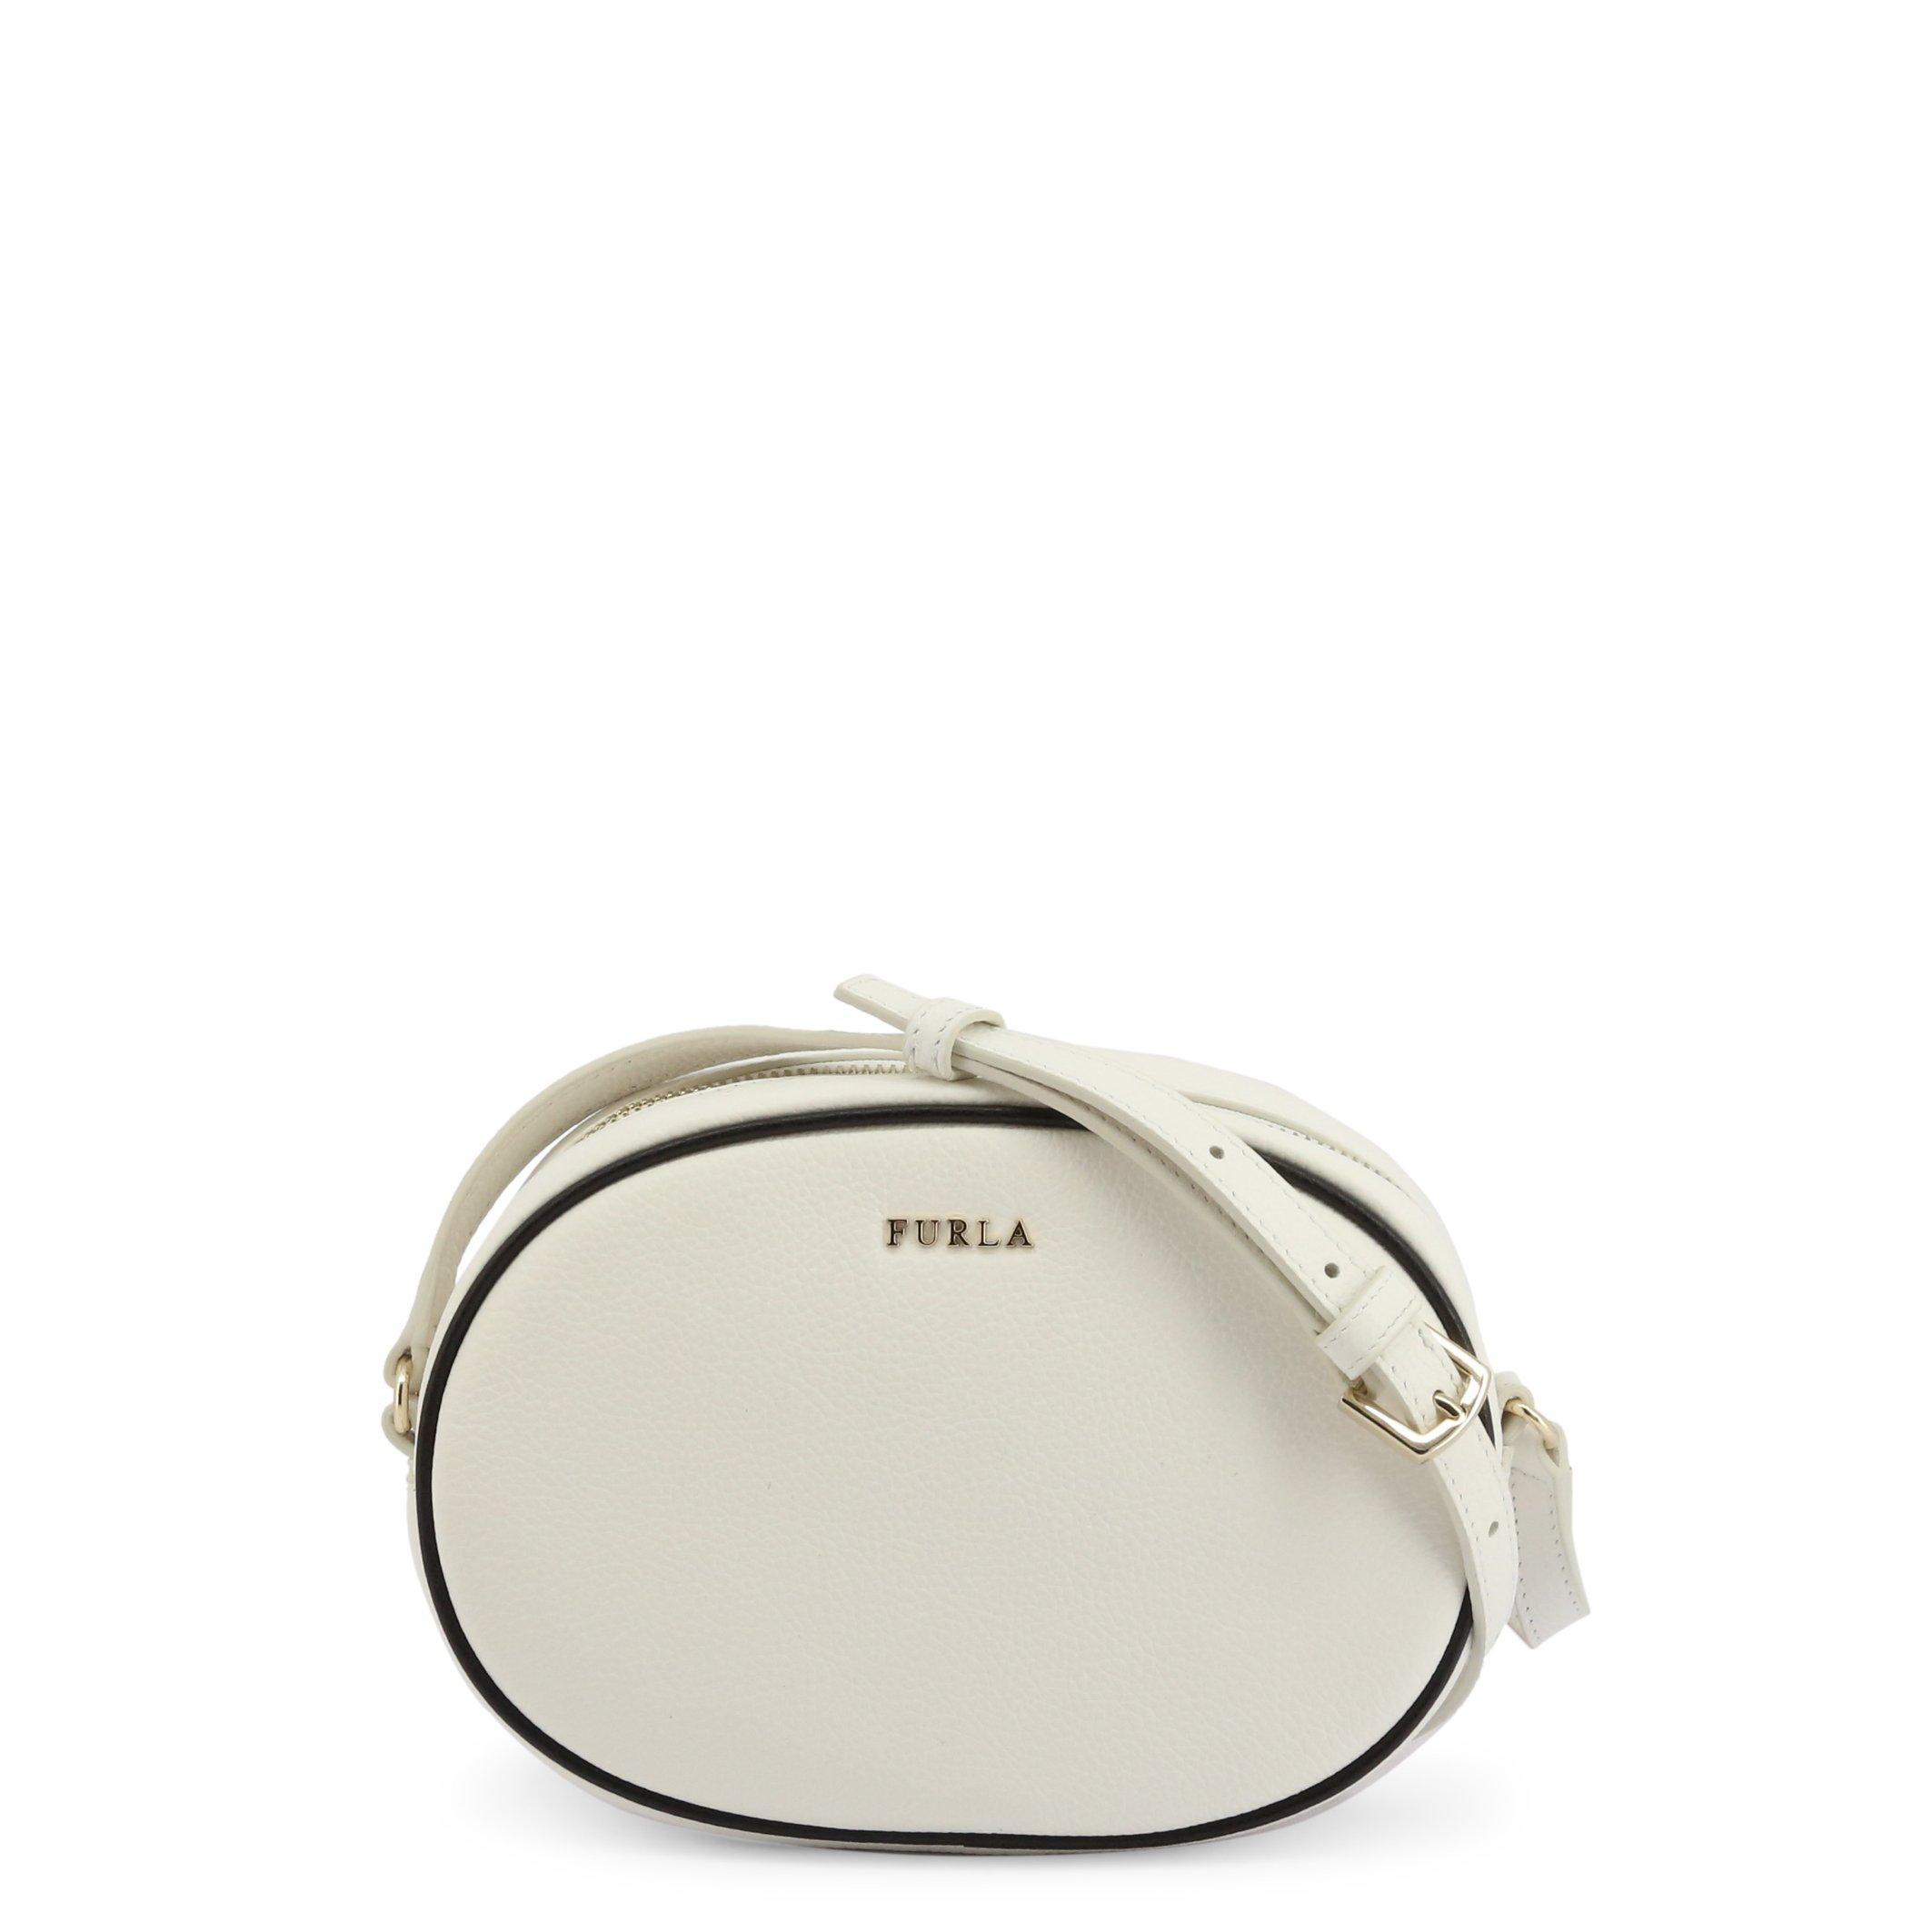 Furla Women's Crossbody Bag Various Colours CARA_VTO - white NOSIZE